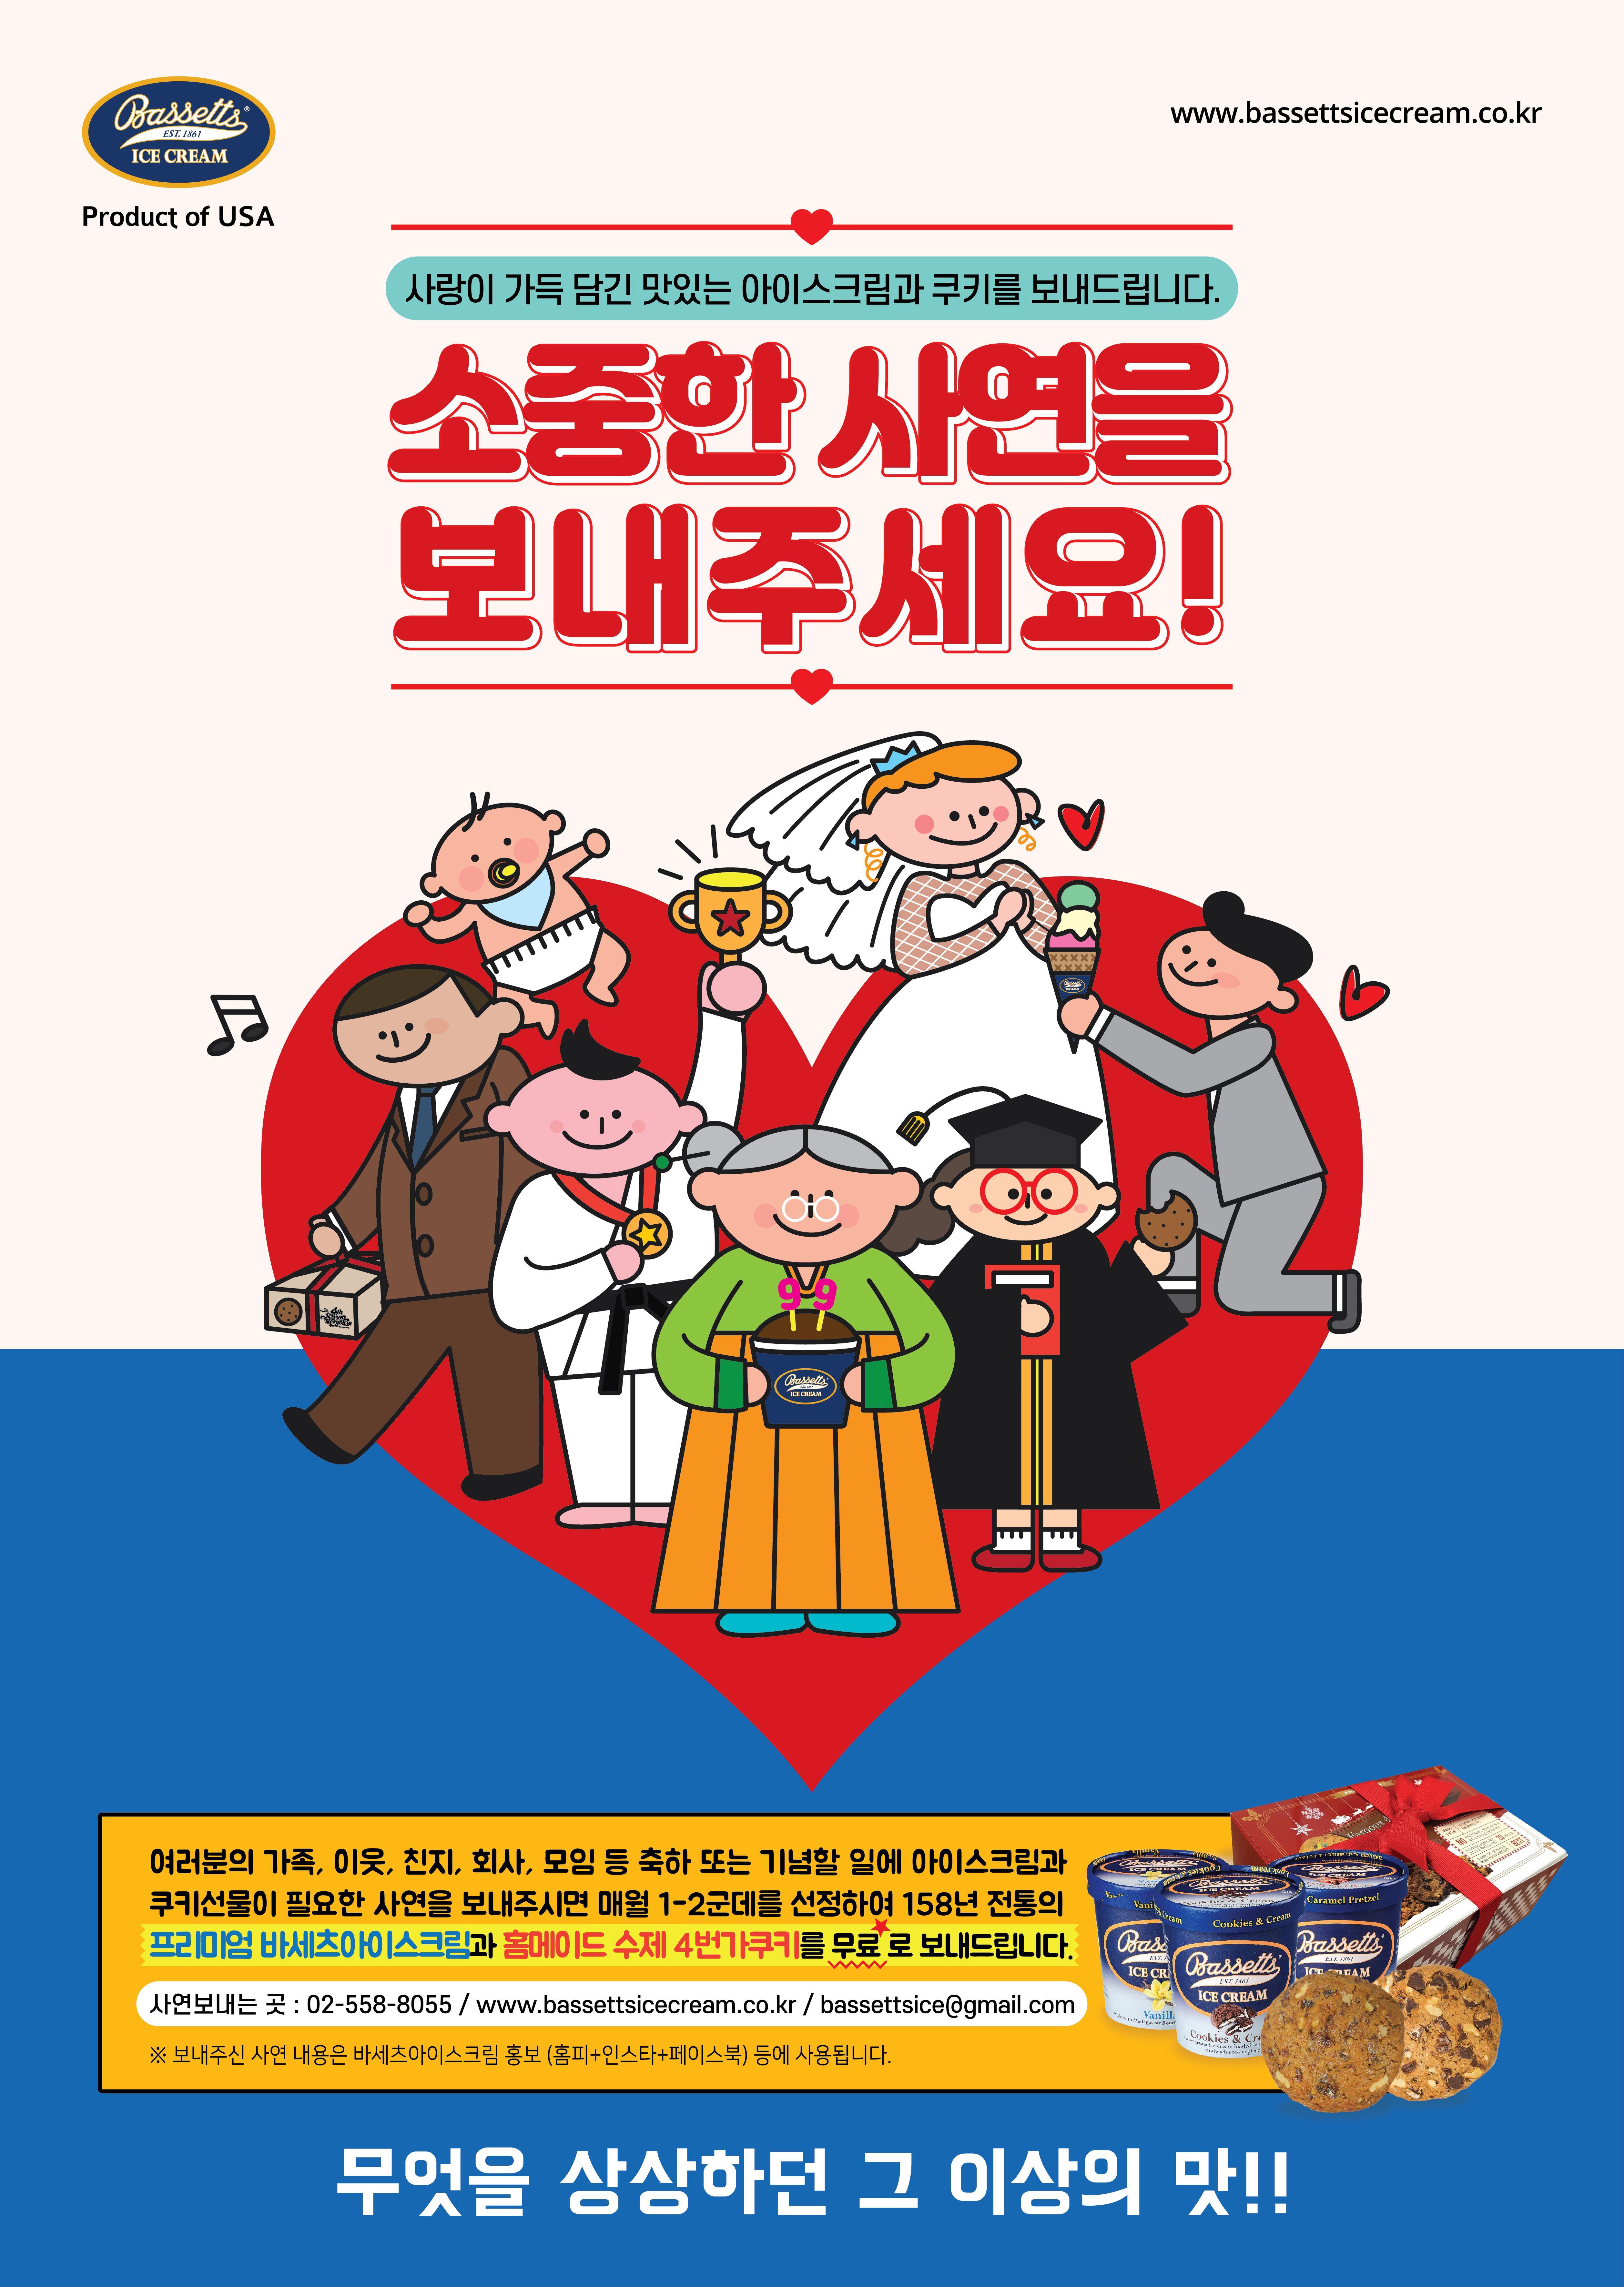 바세츠아이스크림 사연만들기 포스터 Designed by JJPLUS Illustration by jeon